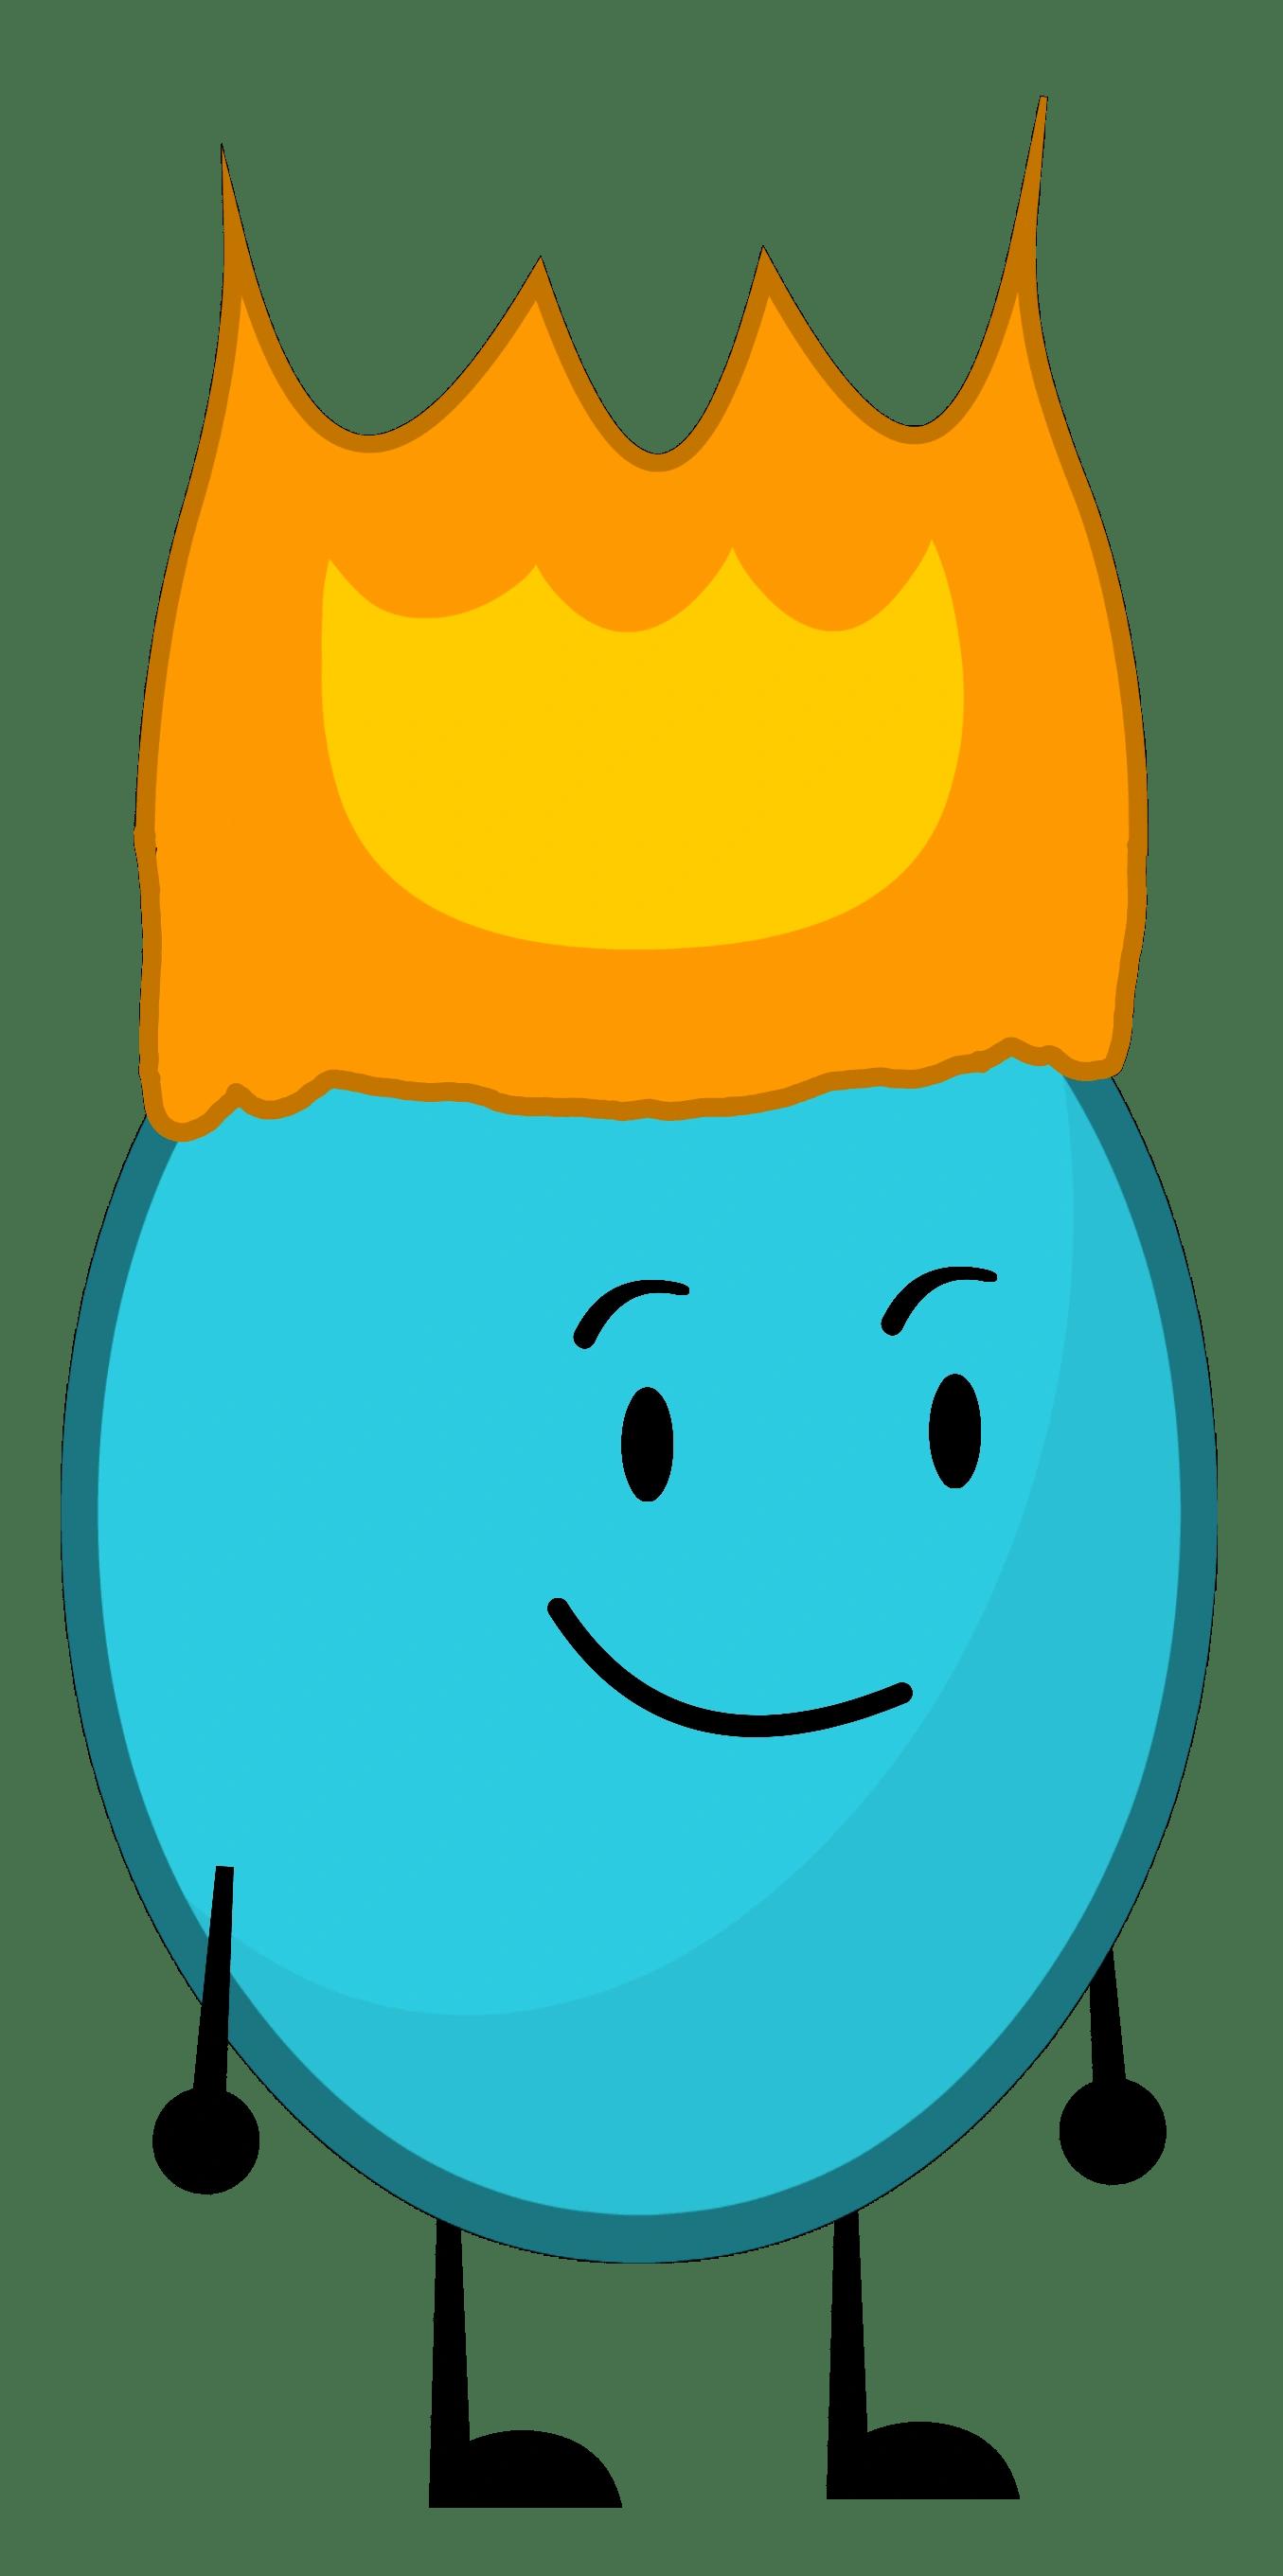 Numpty Cutie Sunflower Wiki Fandom Powered Wikia